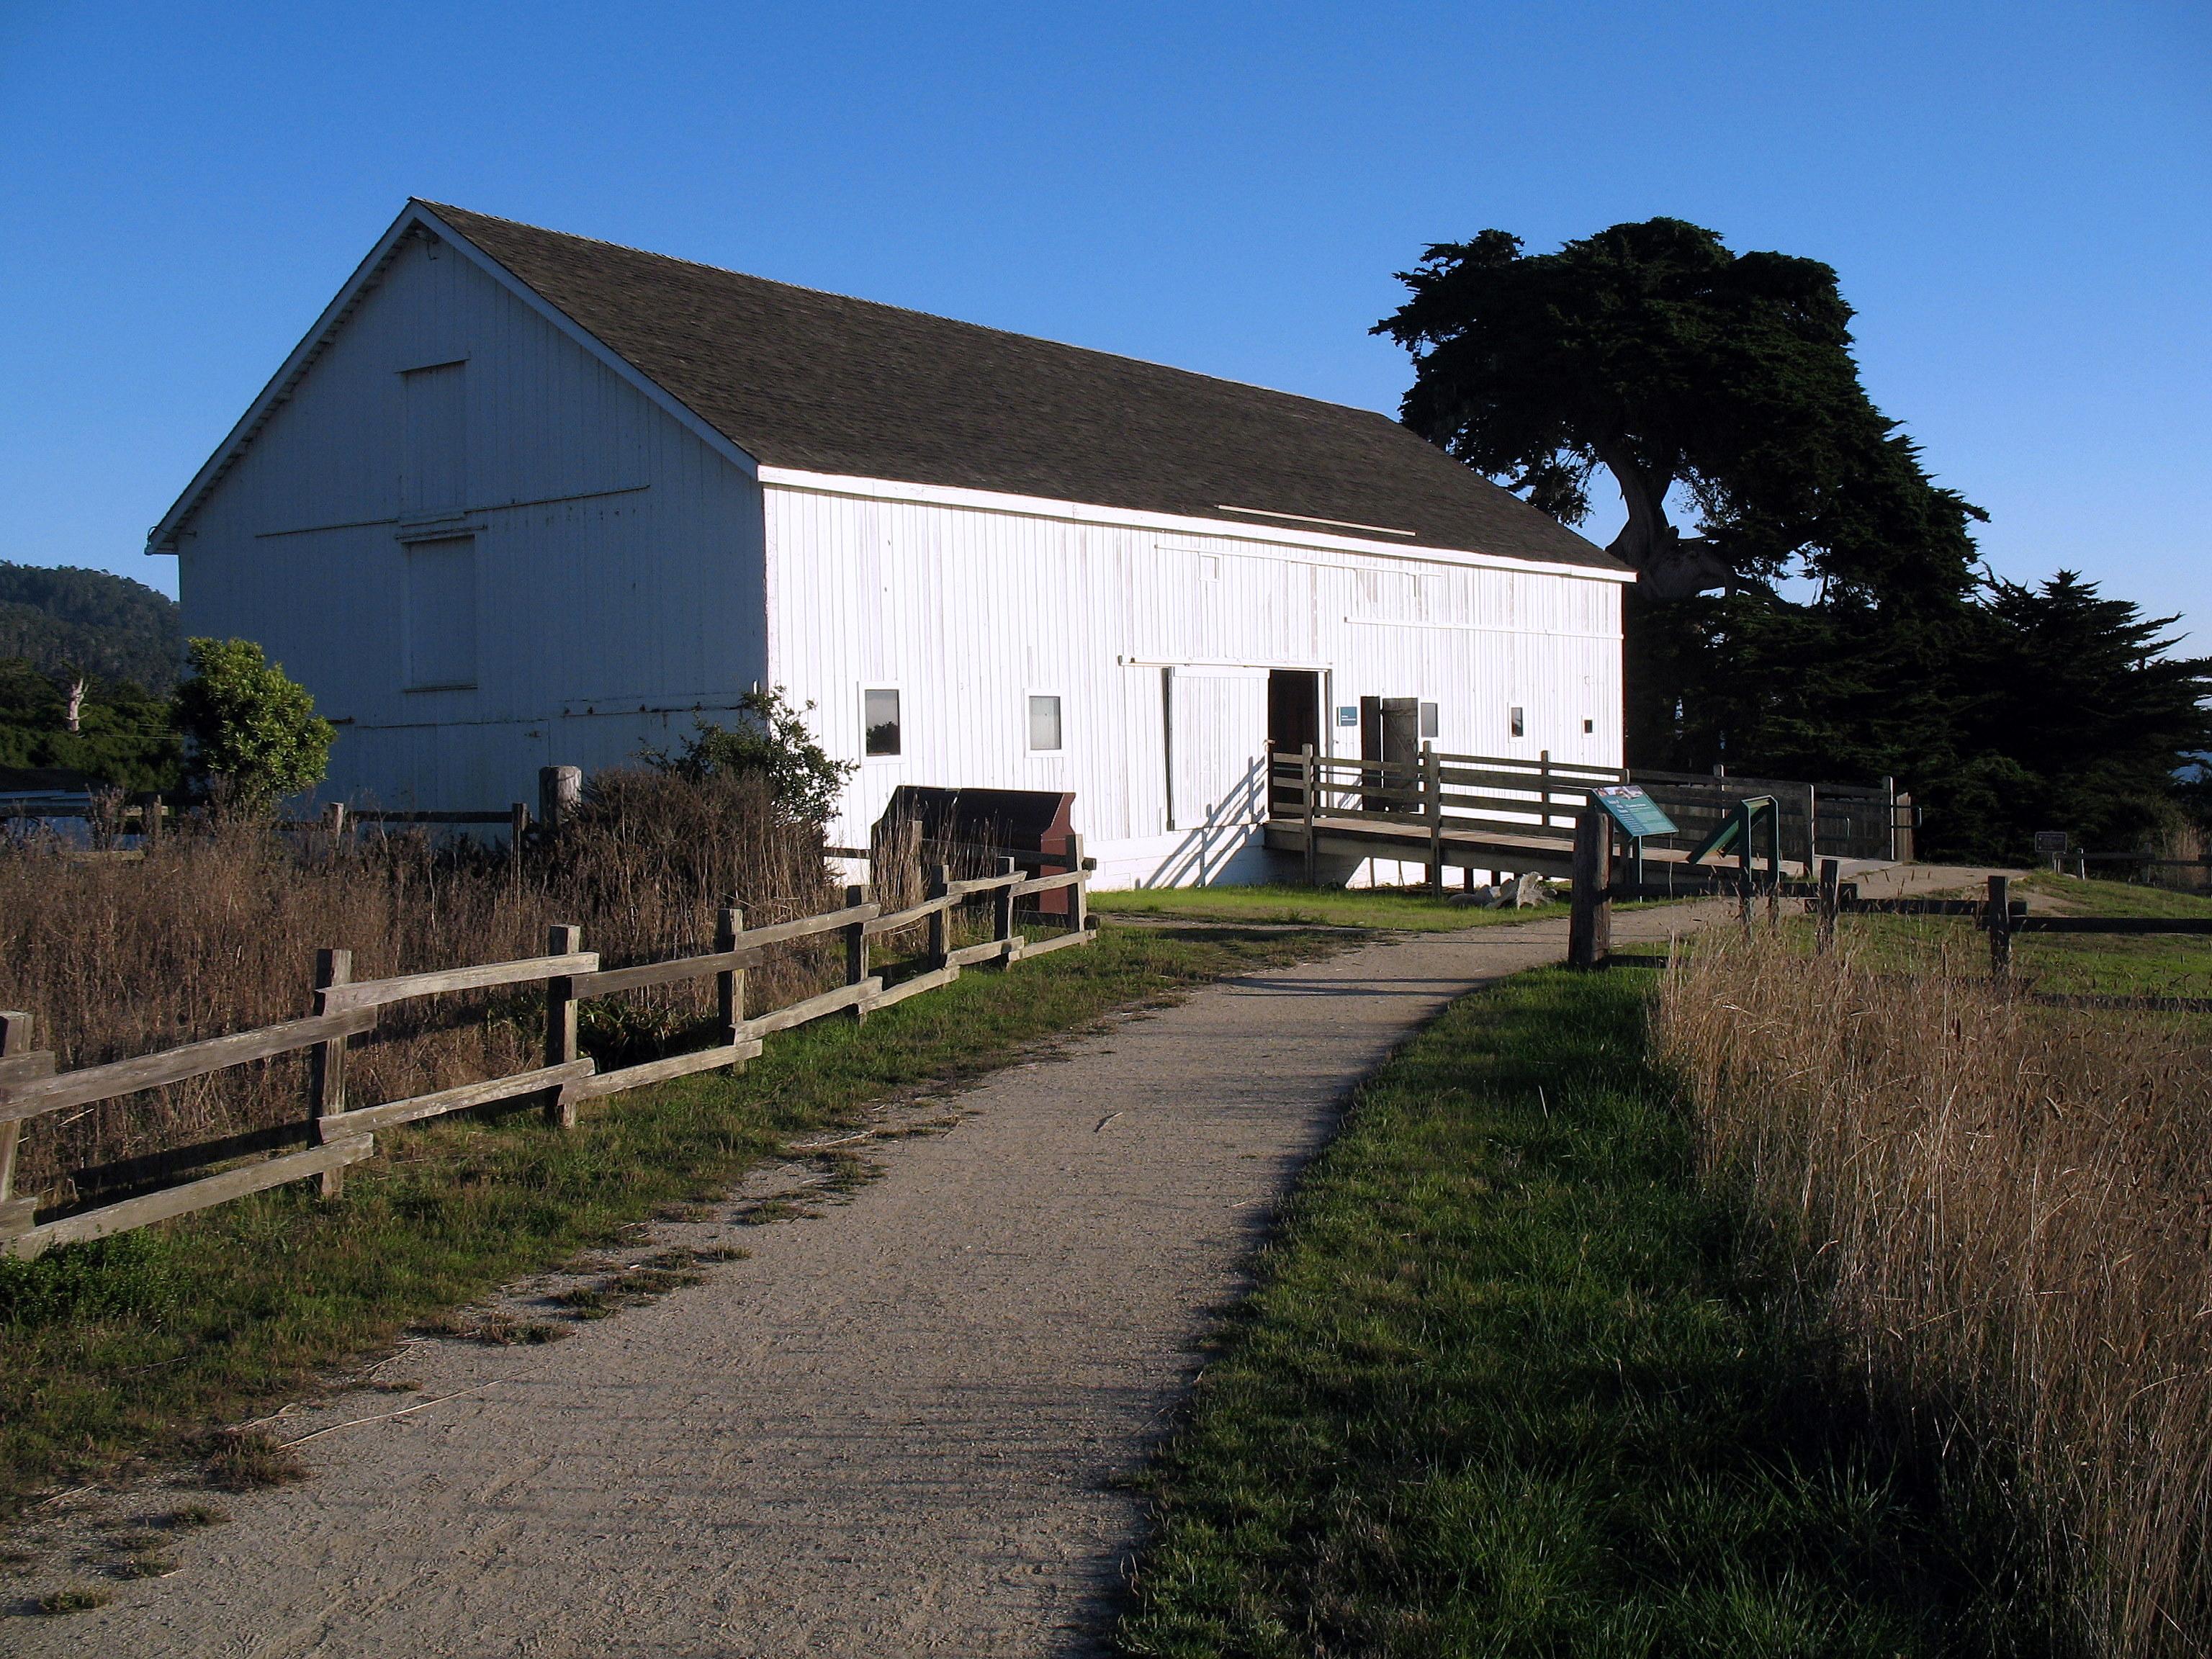 California san mateo county pescadero - File Dickerman Barn Ano Nuevo State Park Cabrillo Highway Pescadero Ca